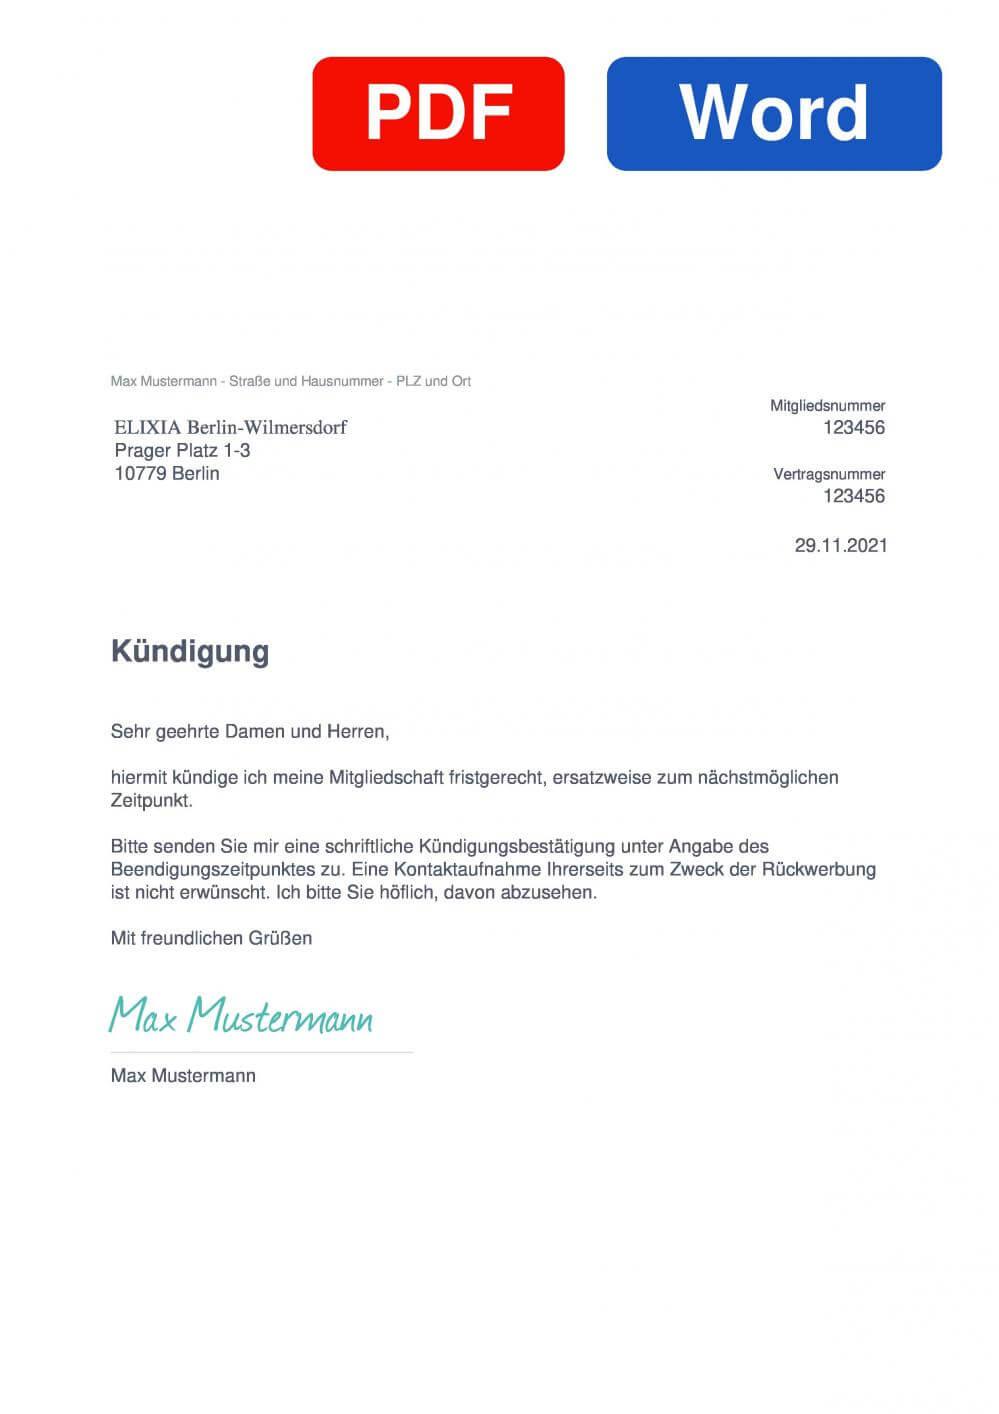 ELIXIA Wilmersdorf Muster Vorlage für Kündigungsschreiben